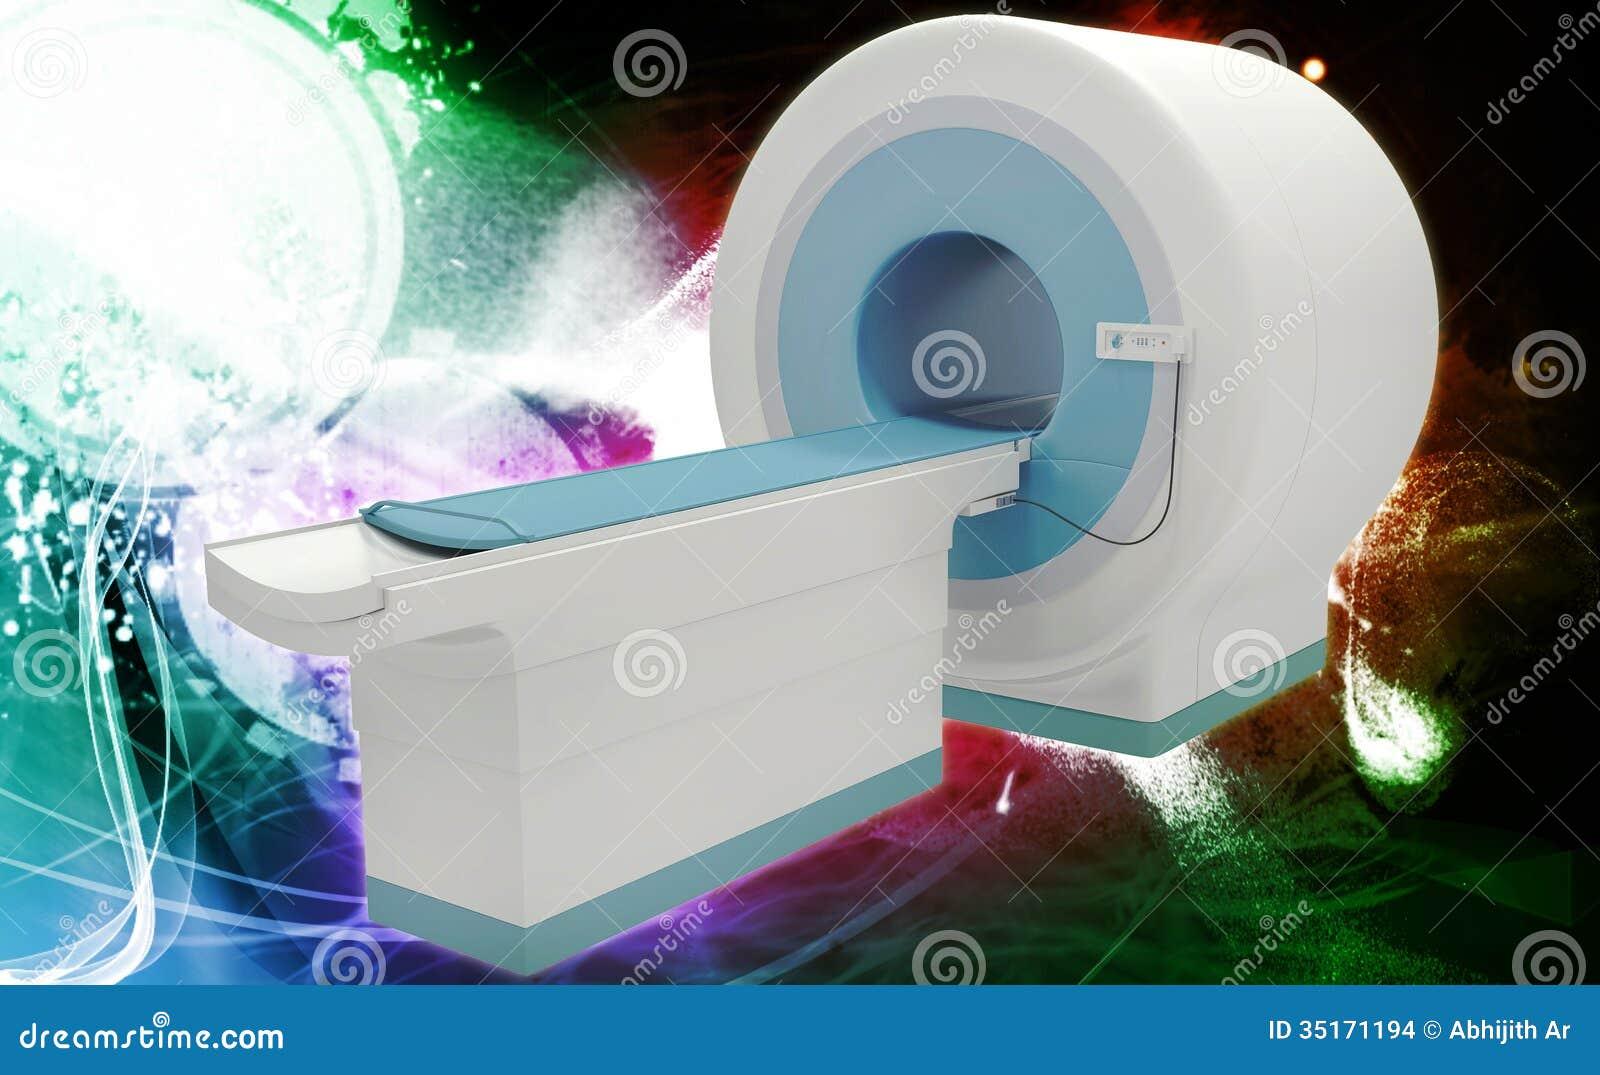 ct machine picture